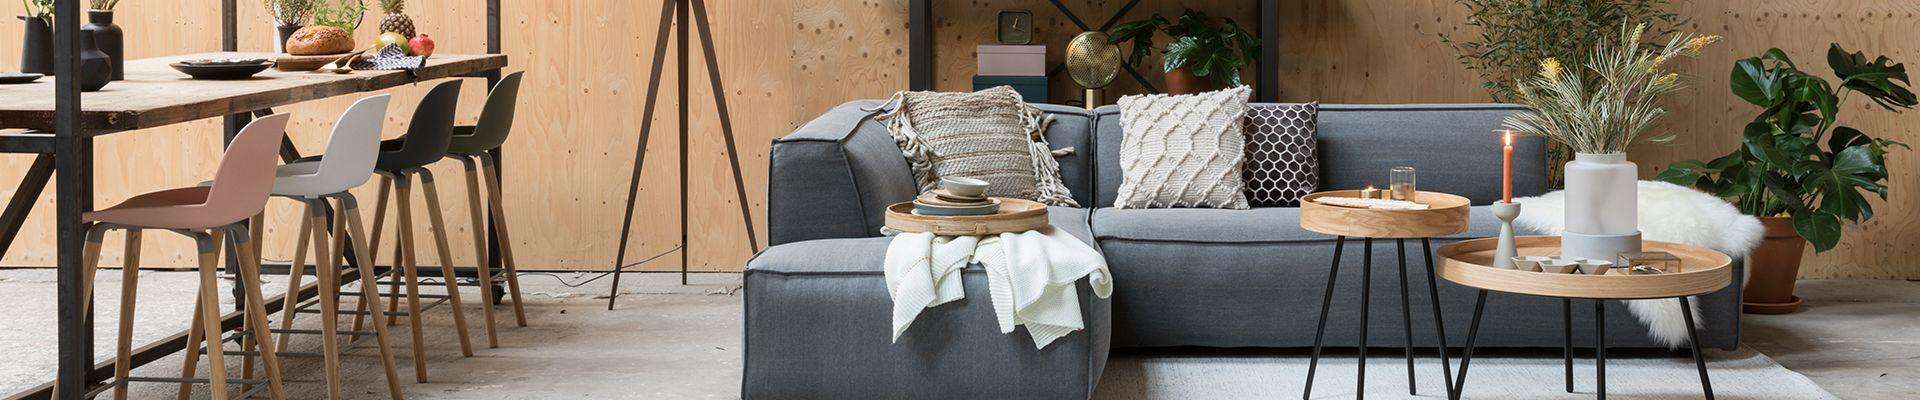 Zuiver Möbel Große Kollektion Niederländisches Design Flinders